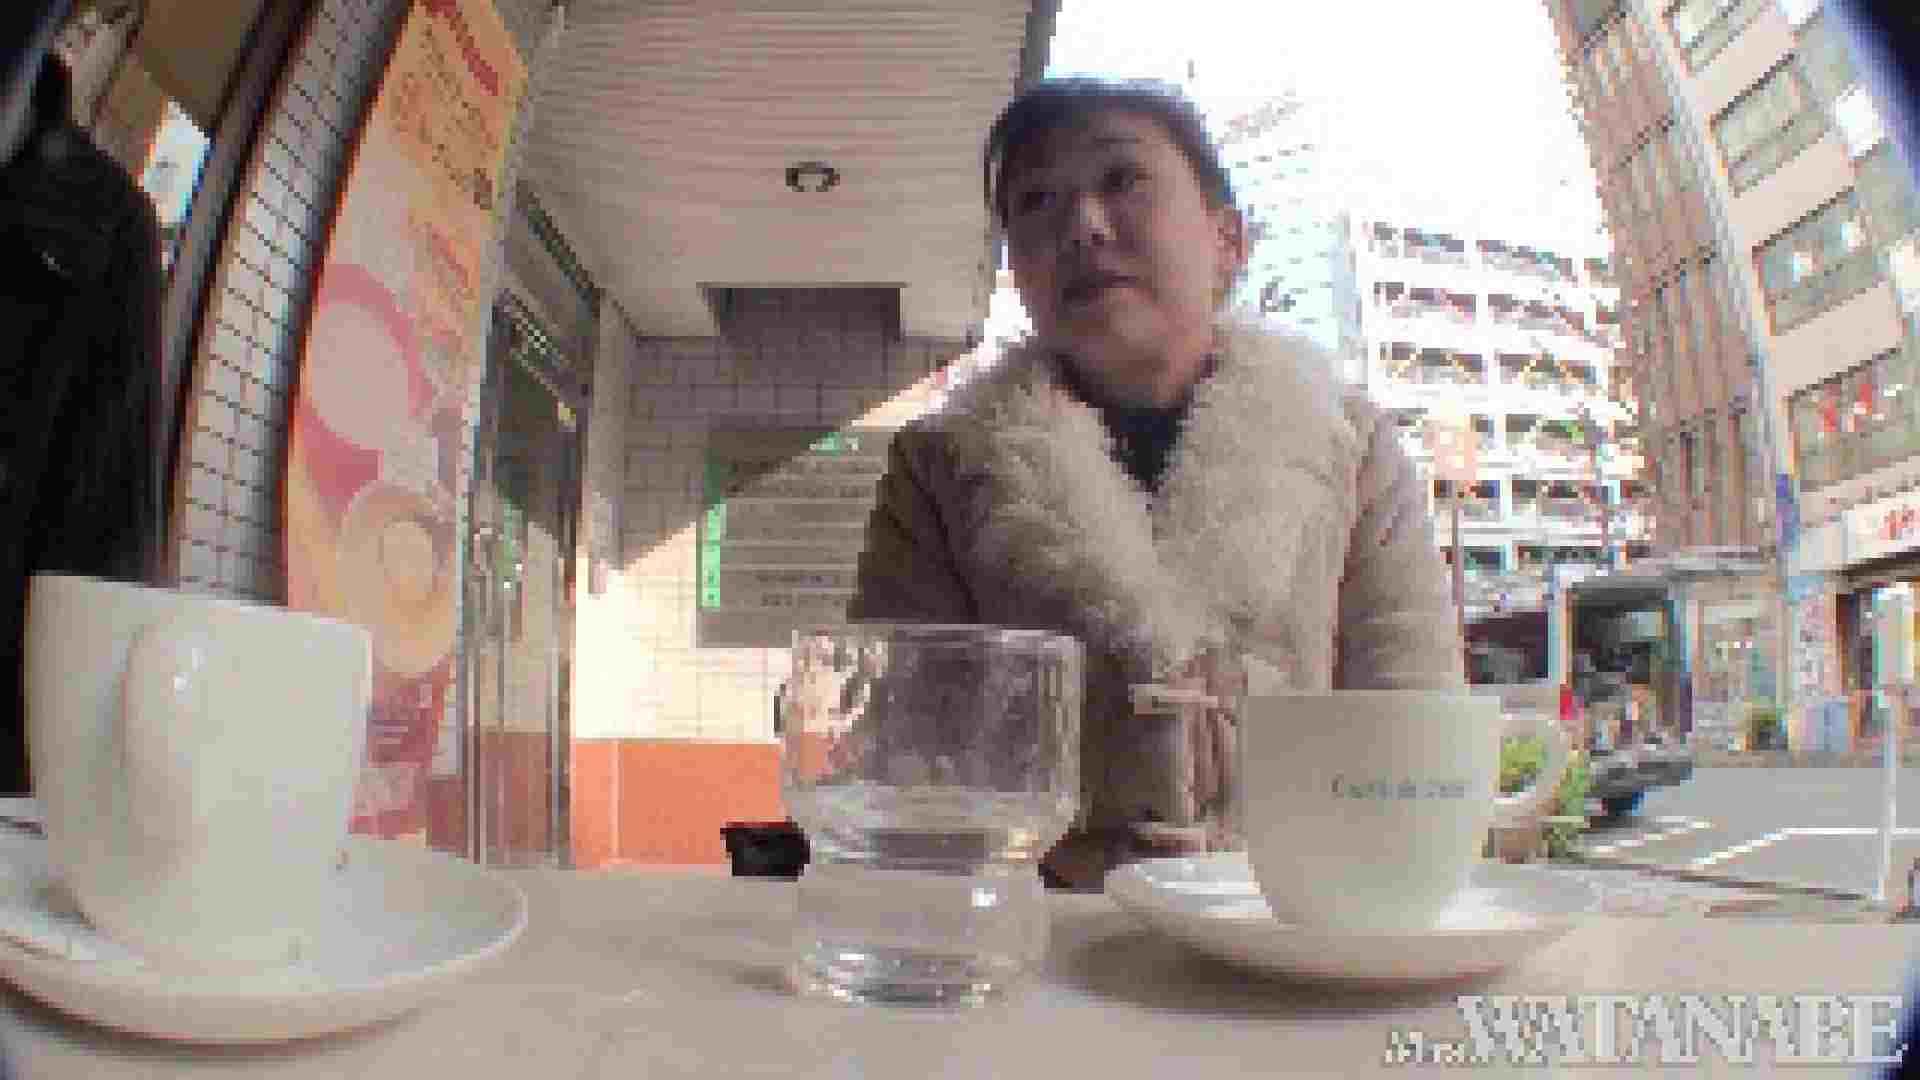 撮影スタッフを誘惑する痴熟女 かおり40歳 Vol.01 Hな熟女 えろ無修正画像 82pic 4